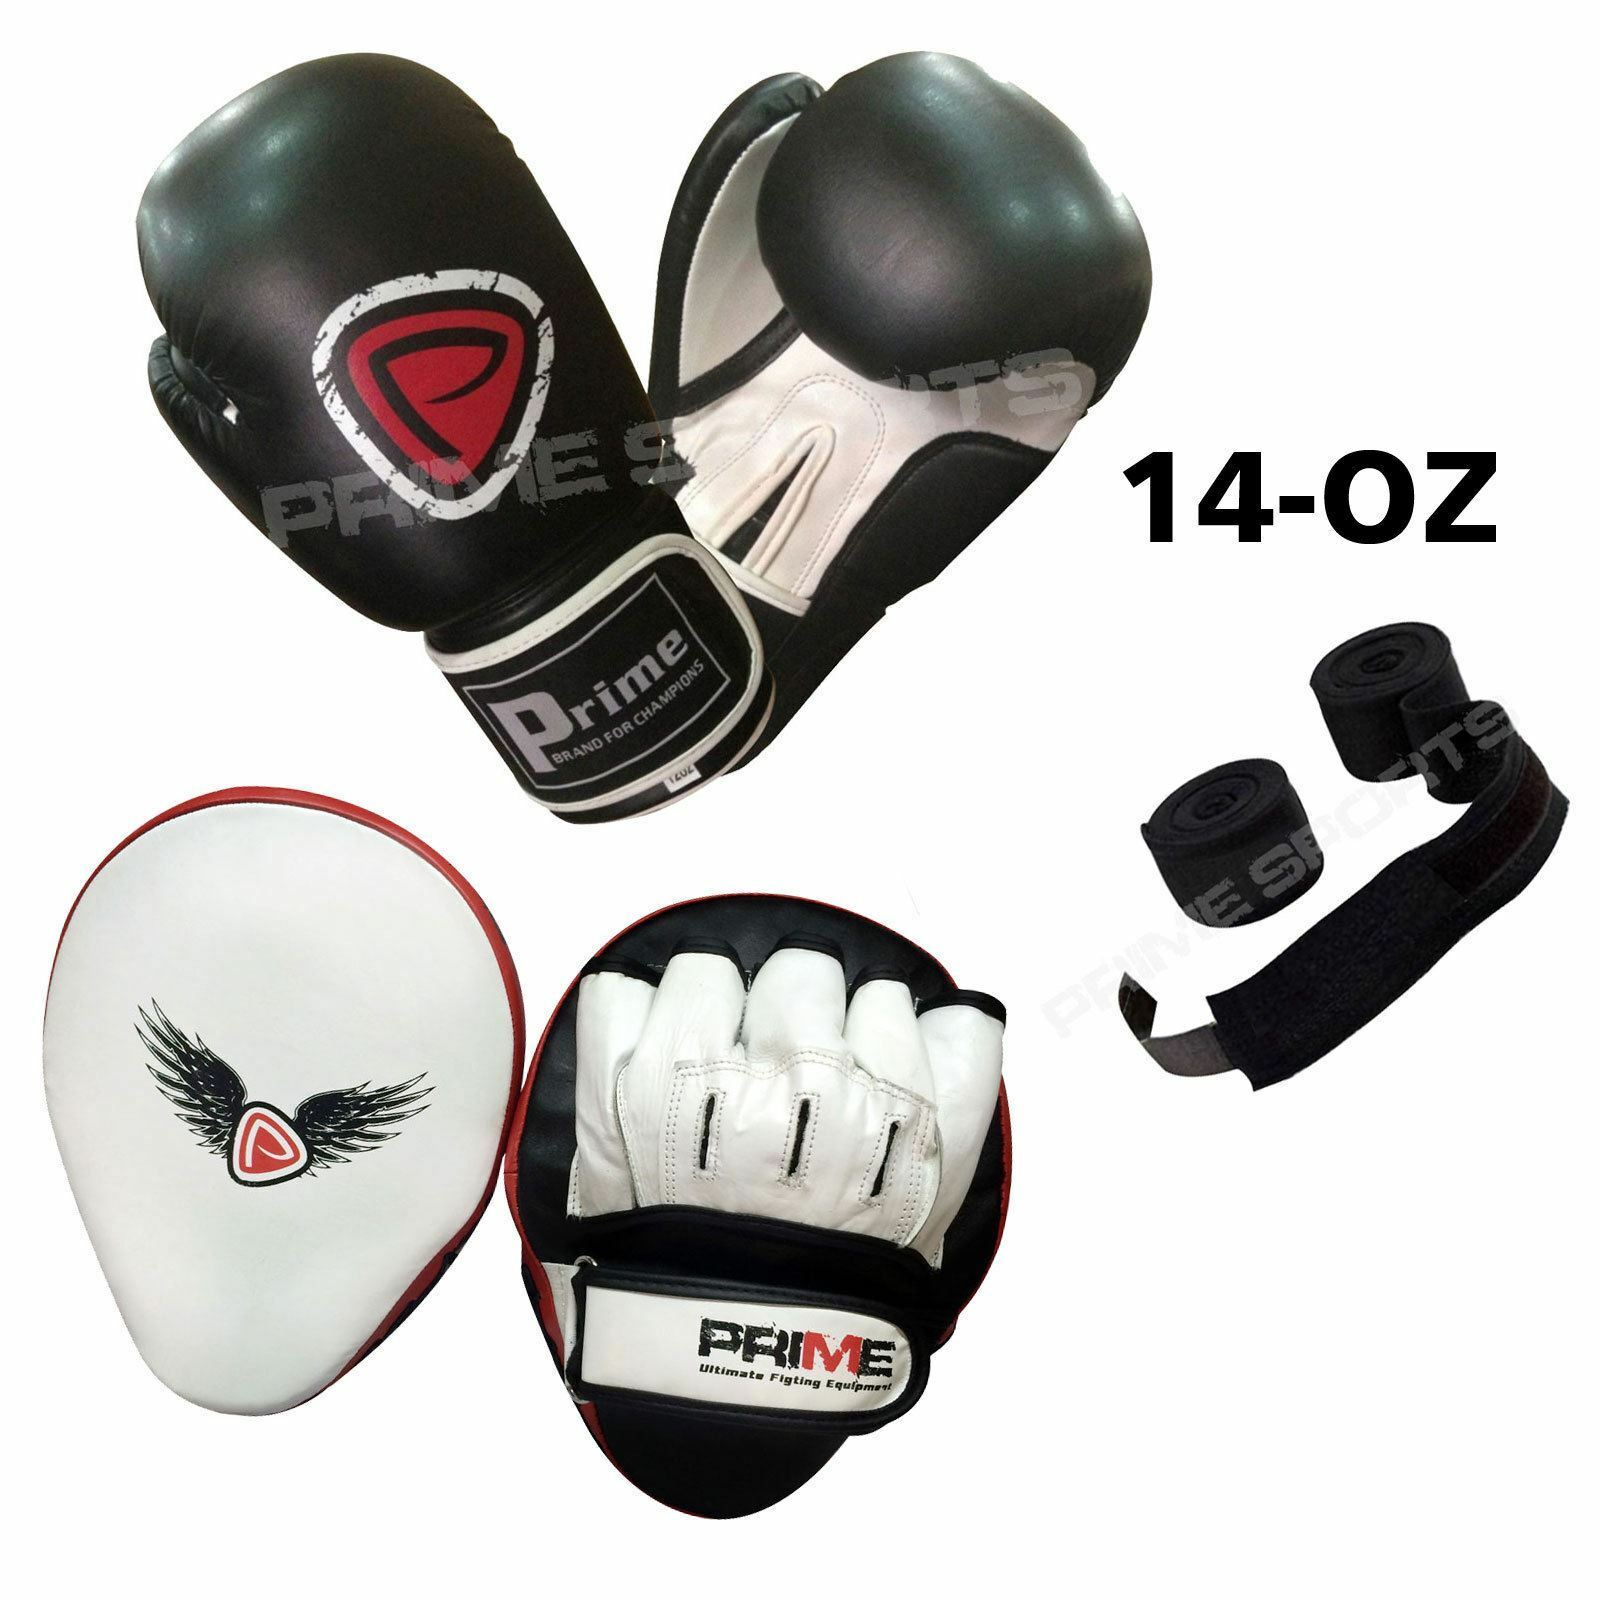 Gants de boxe entrainement entrainement entrainement Sac frappe Rex cuir coussins bandes mains ensemble 25b51e